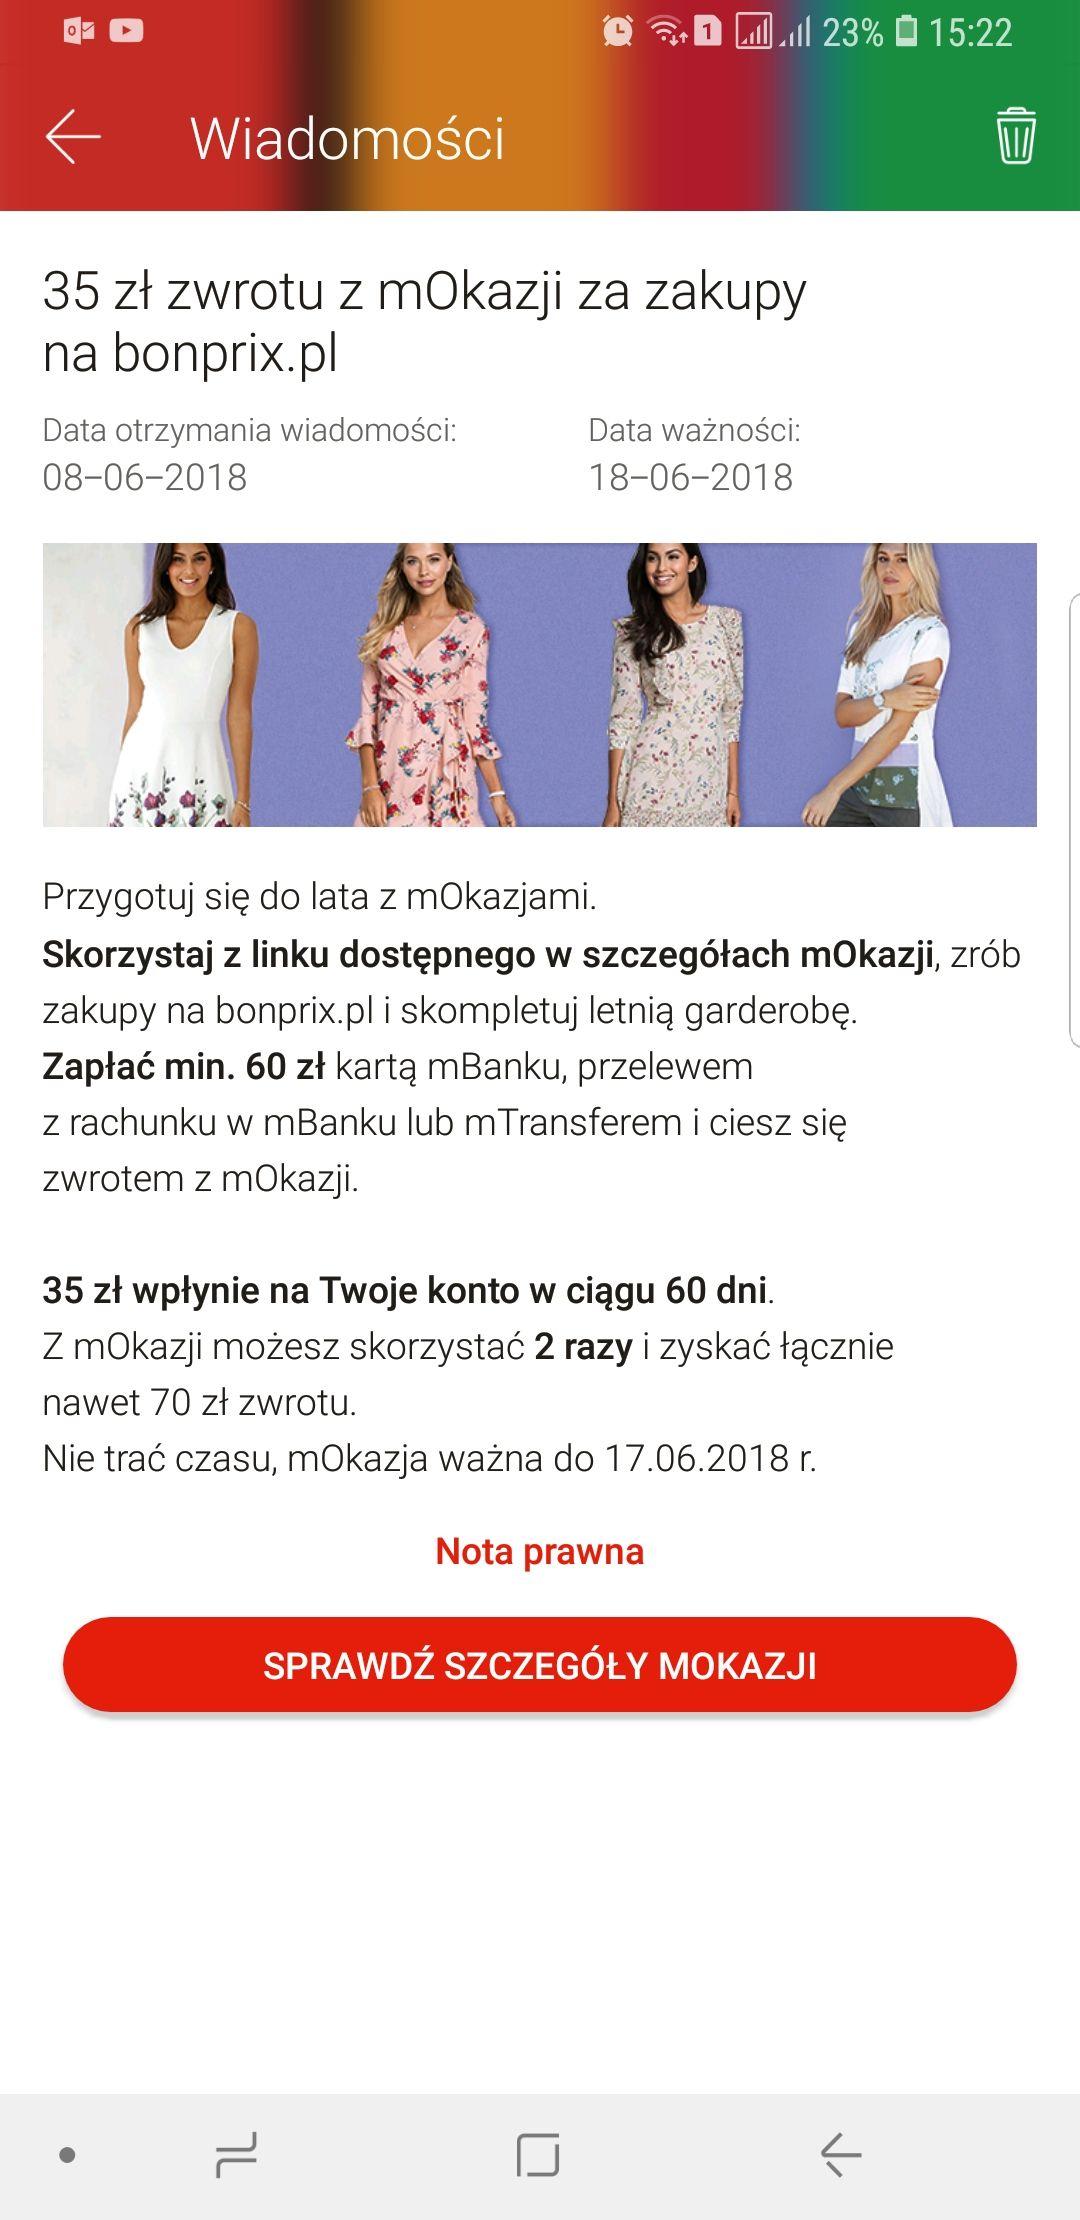 35 zł zwrotu z mOkazji na zakupy na bonprix.pl